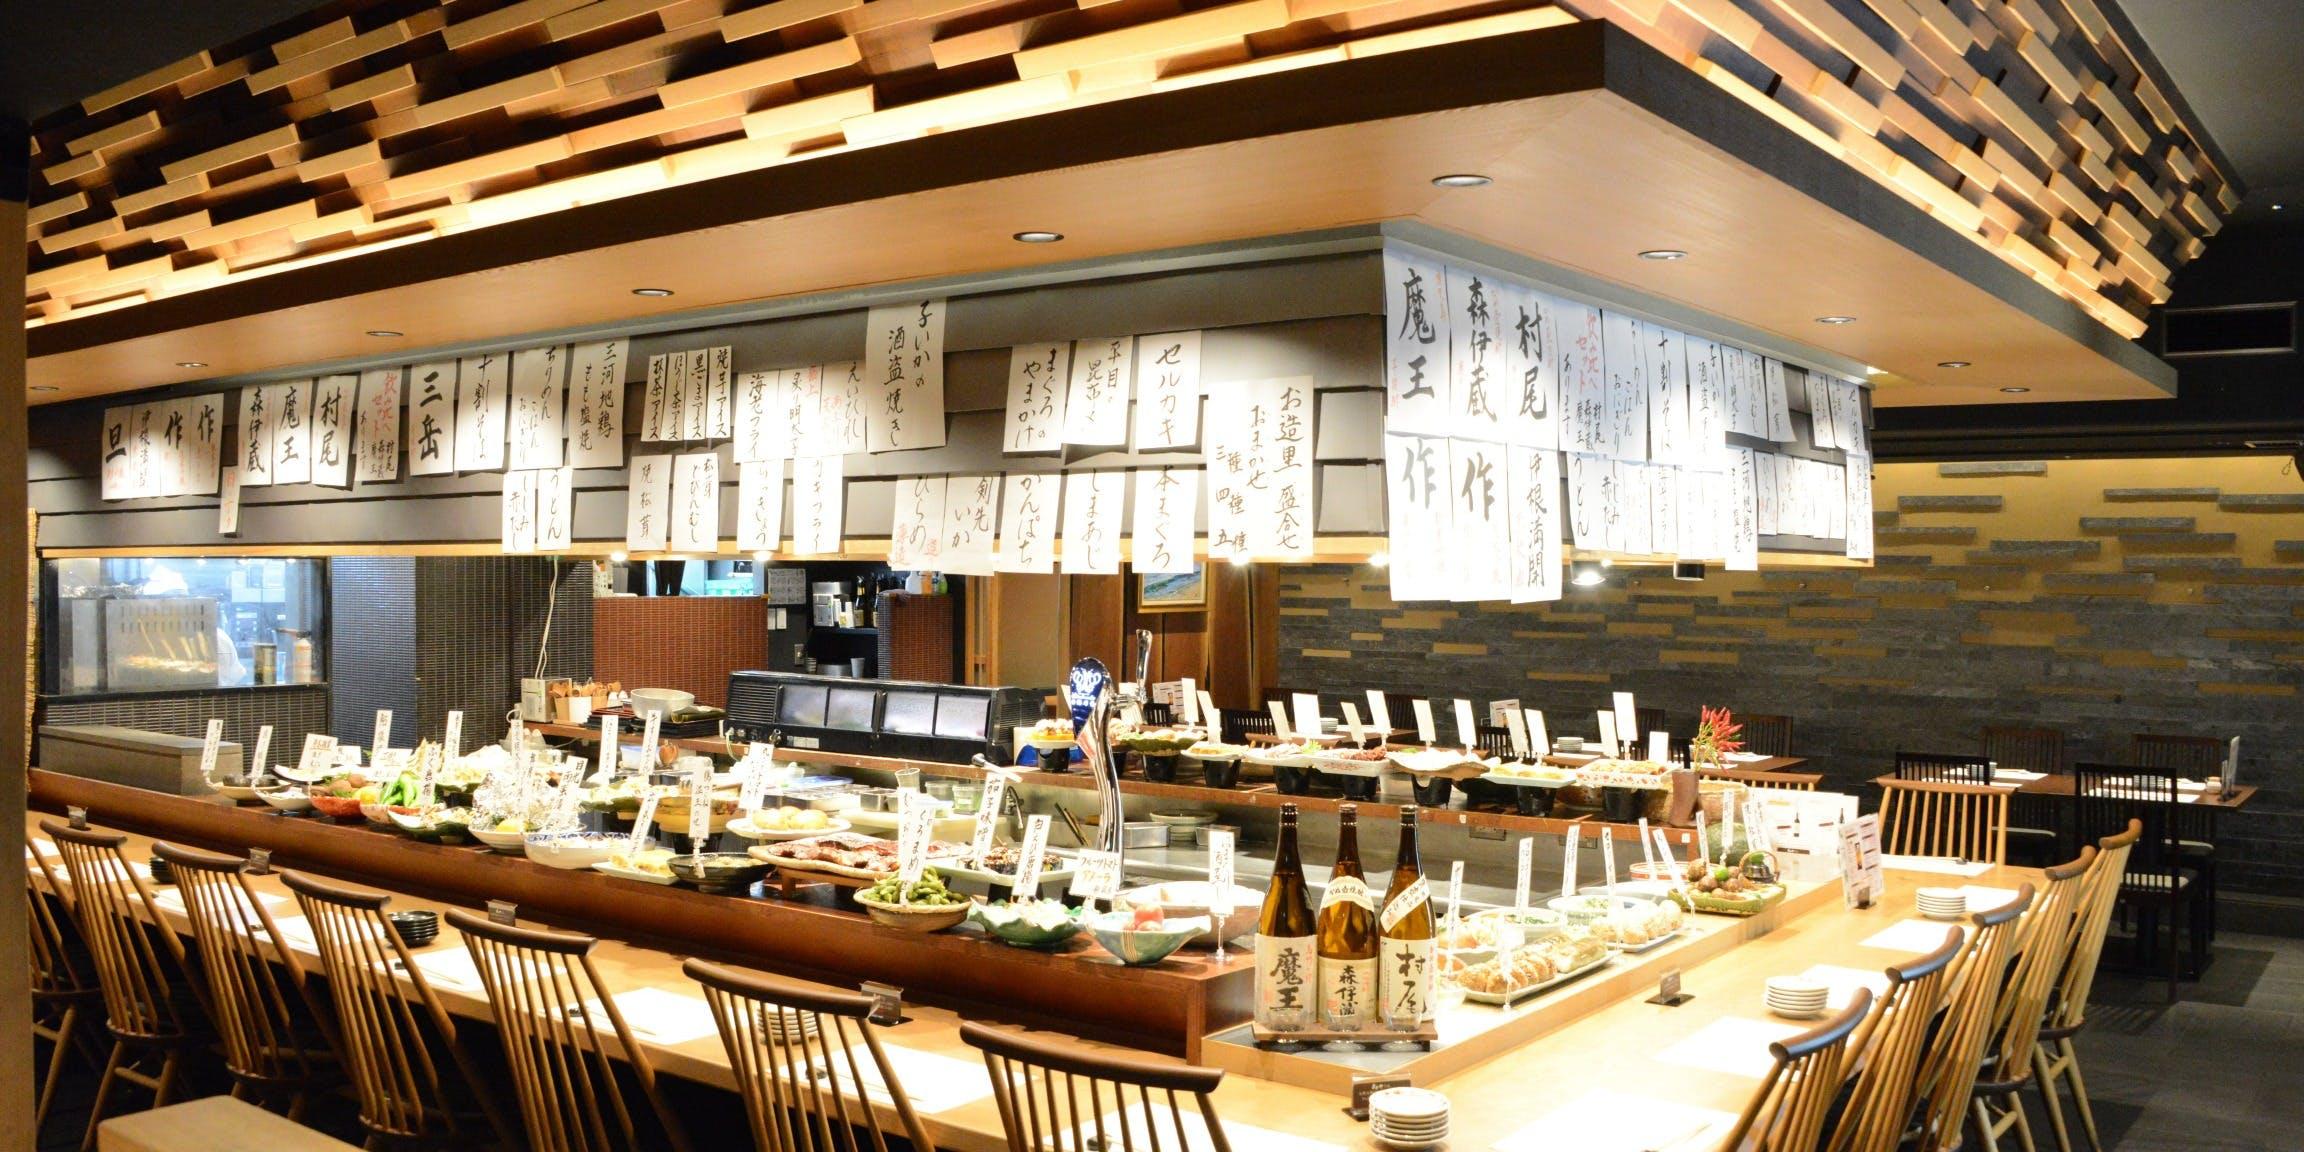 記念日におすすめのレストラン・福をまねく 旬活和食 ままやの写真1